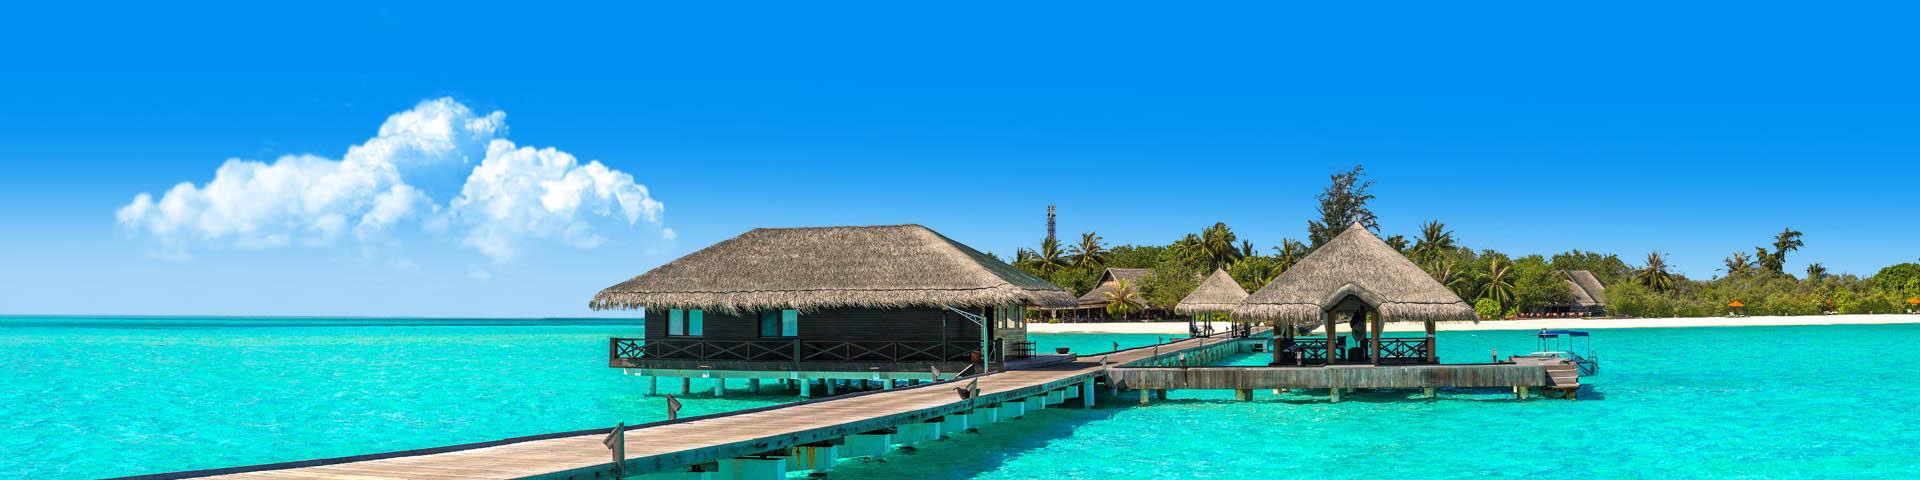 Luxe accommodatie gelegen in de helderblauwe zee met een strand op de achtergrond in de Malediven